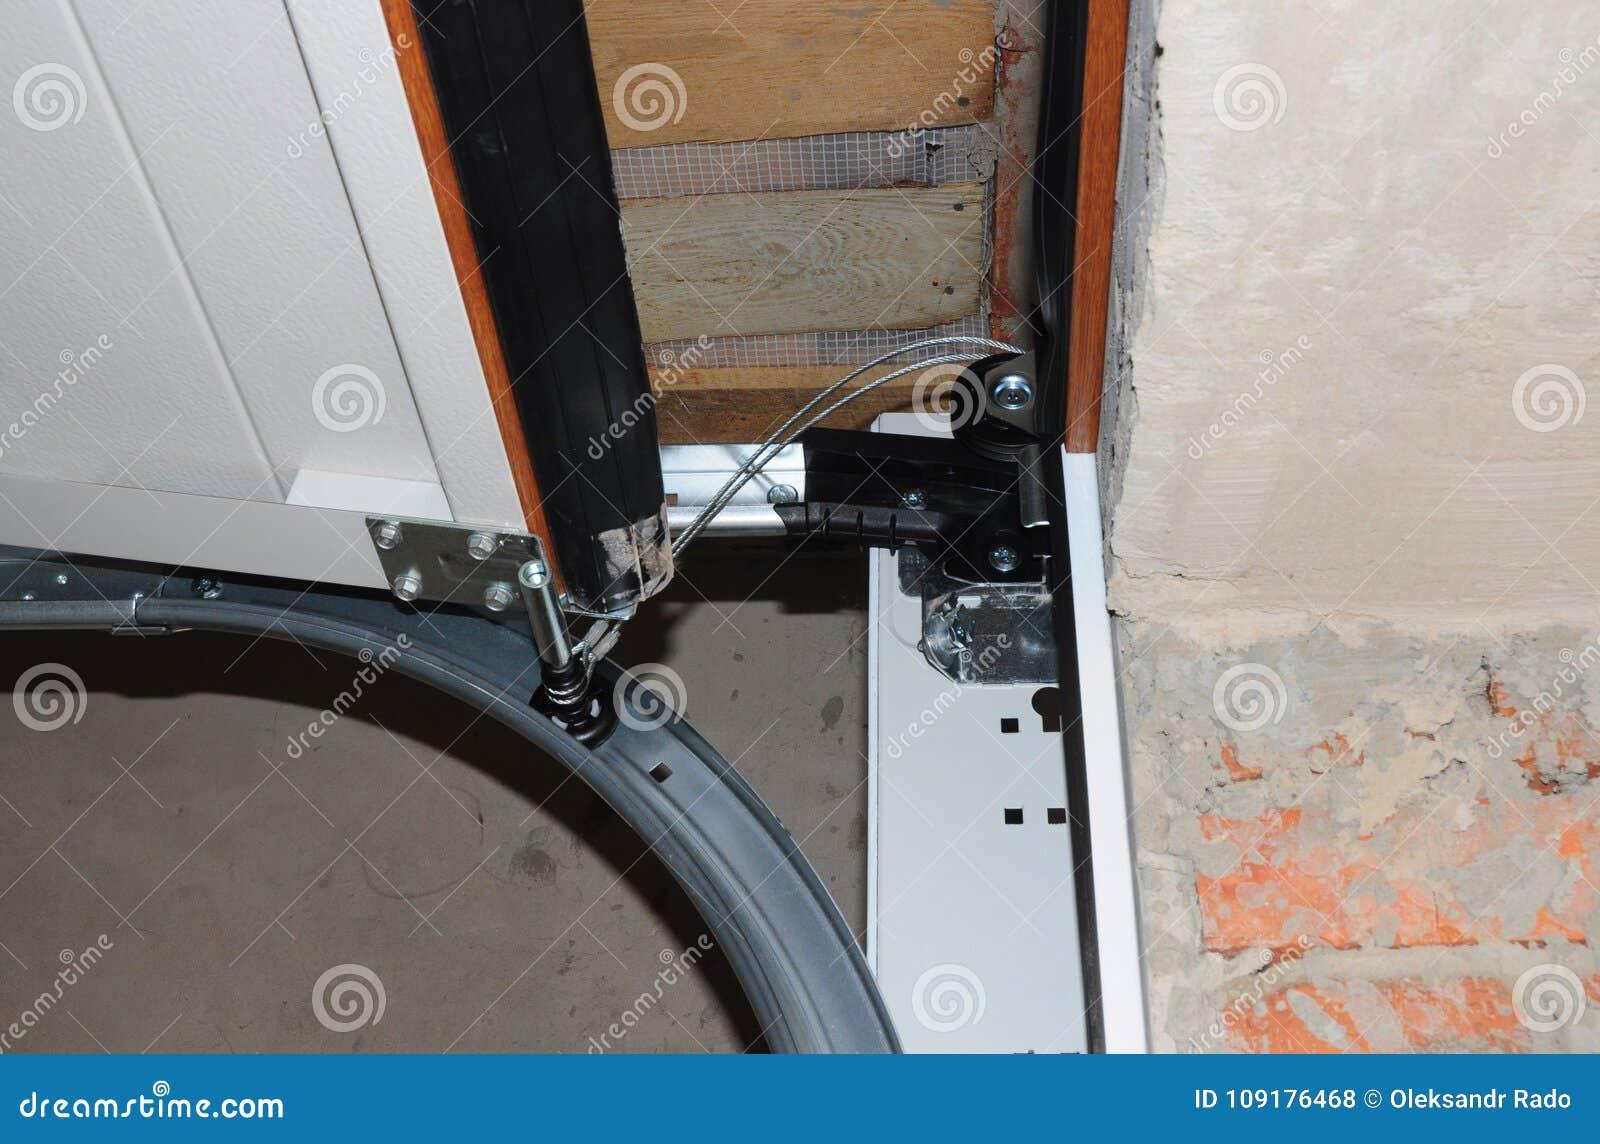 Contractor Repair And Install Garage Door Replace A Broken Garage